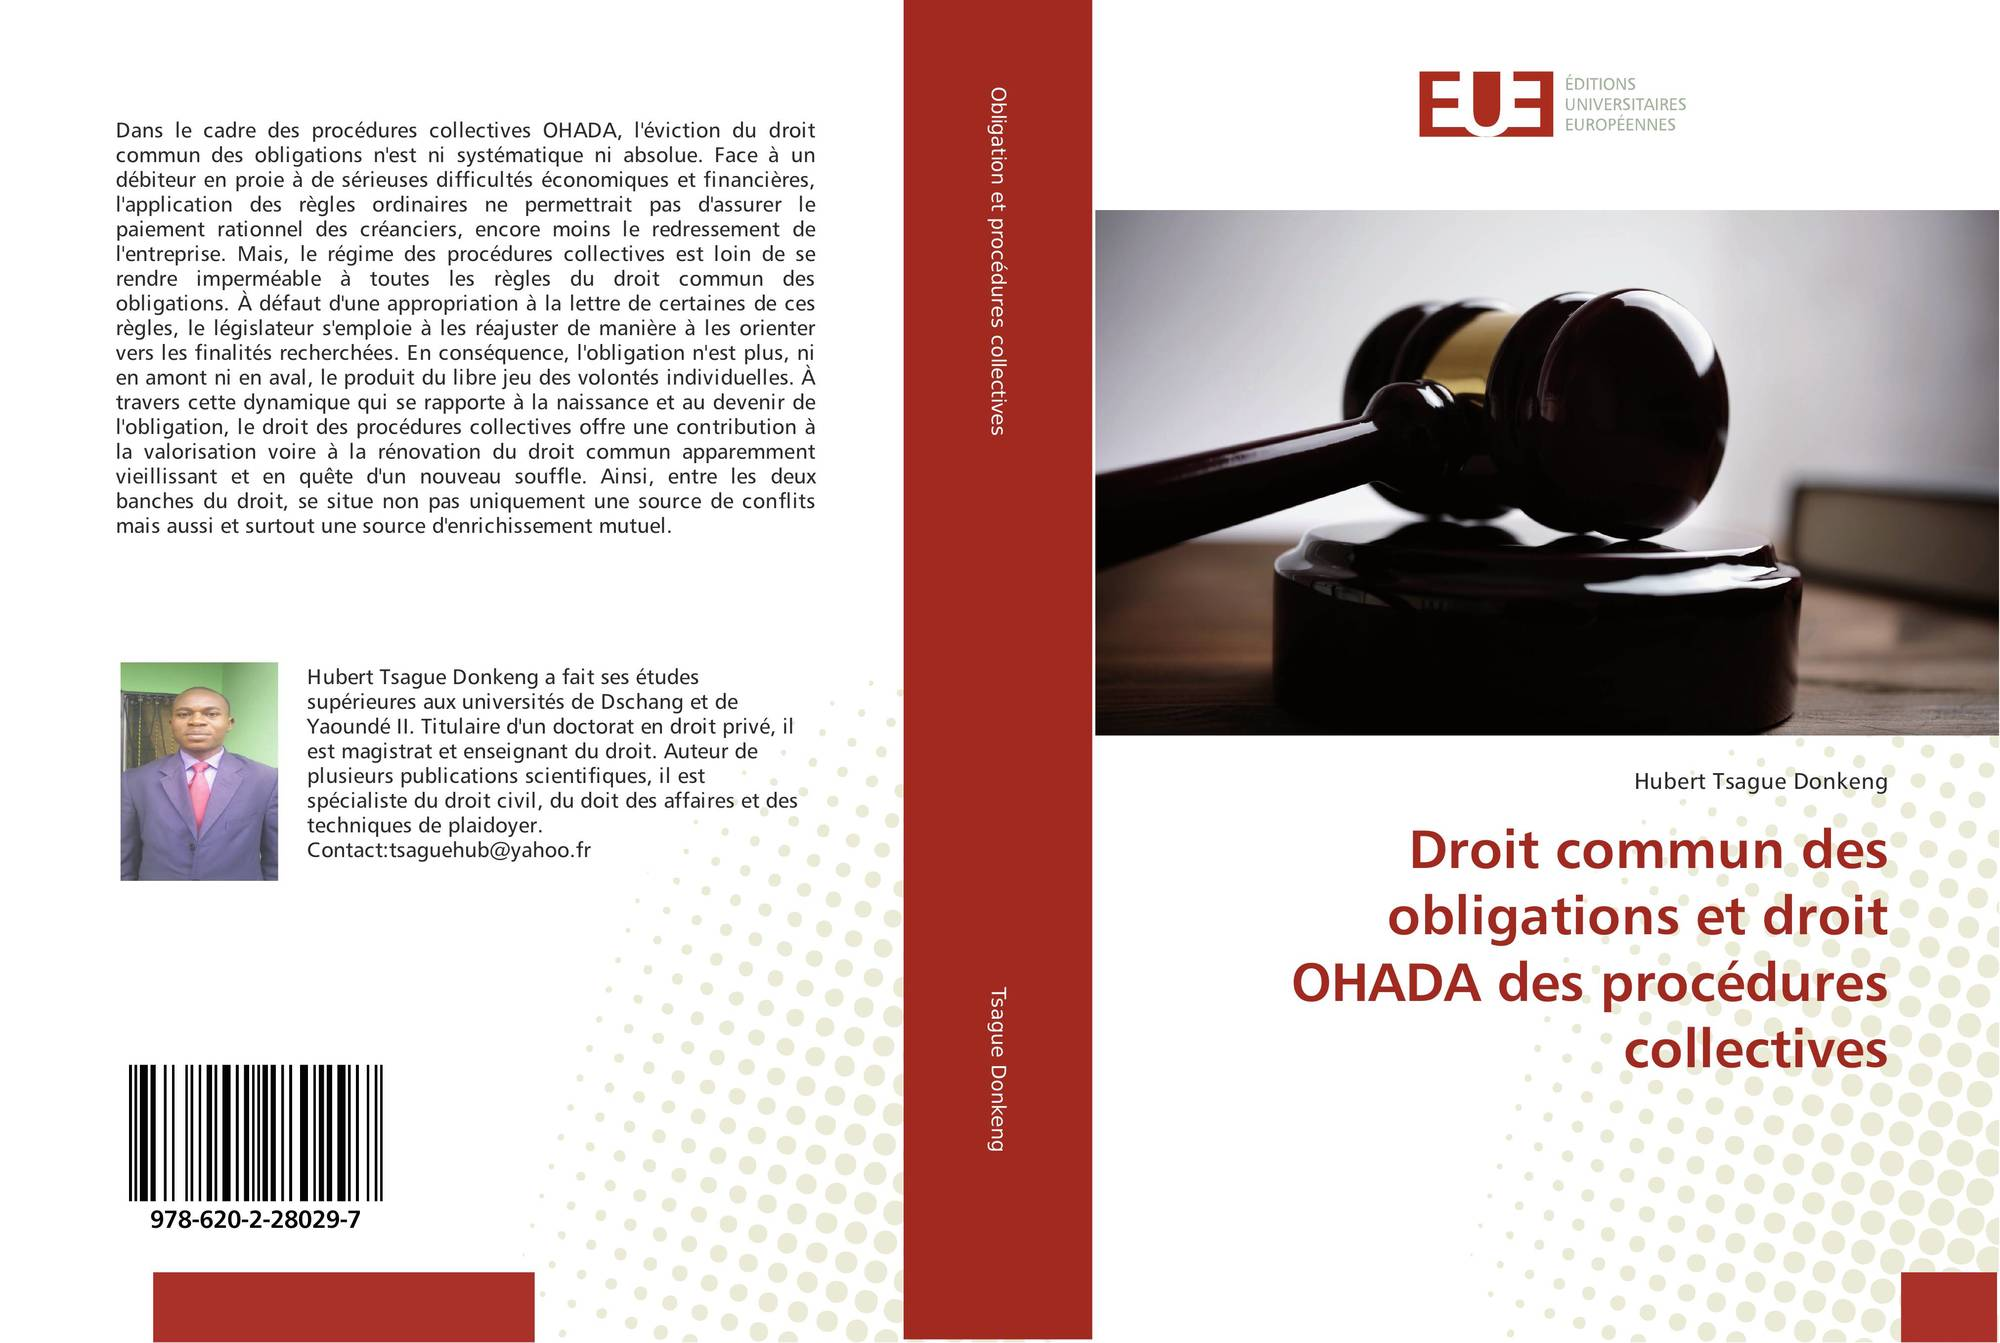 Droit Commun Des Obligations Et Droit Ohada Des Procedures Collectives 978 620 2 28029 7 6202280298 9786202280297 By Hubert Tsague Donkeng